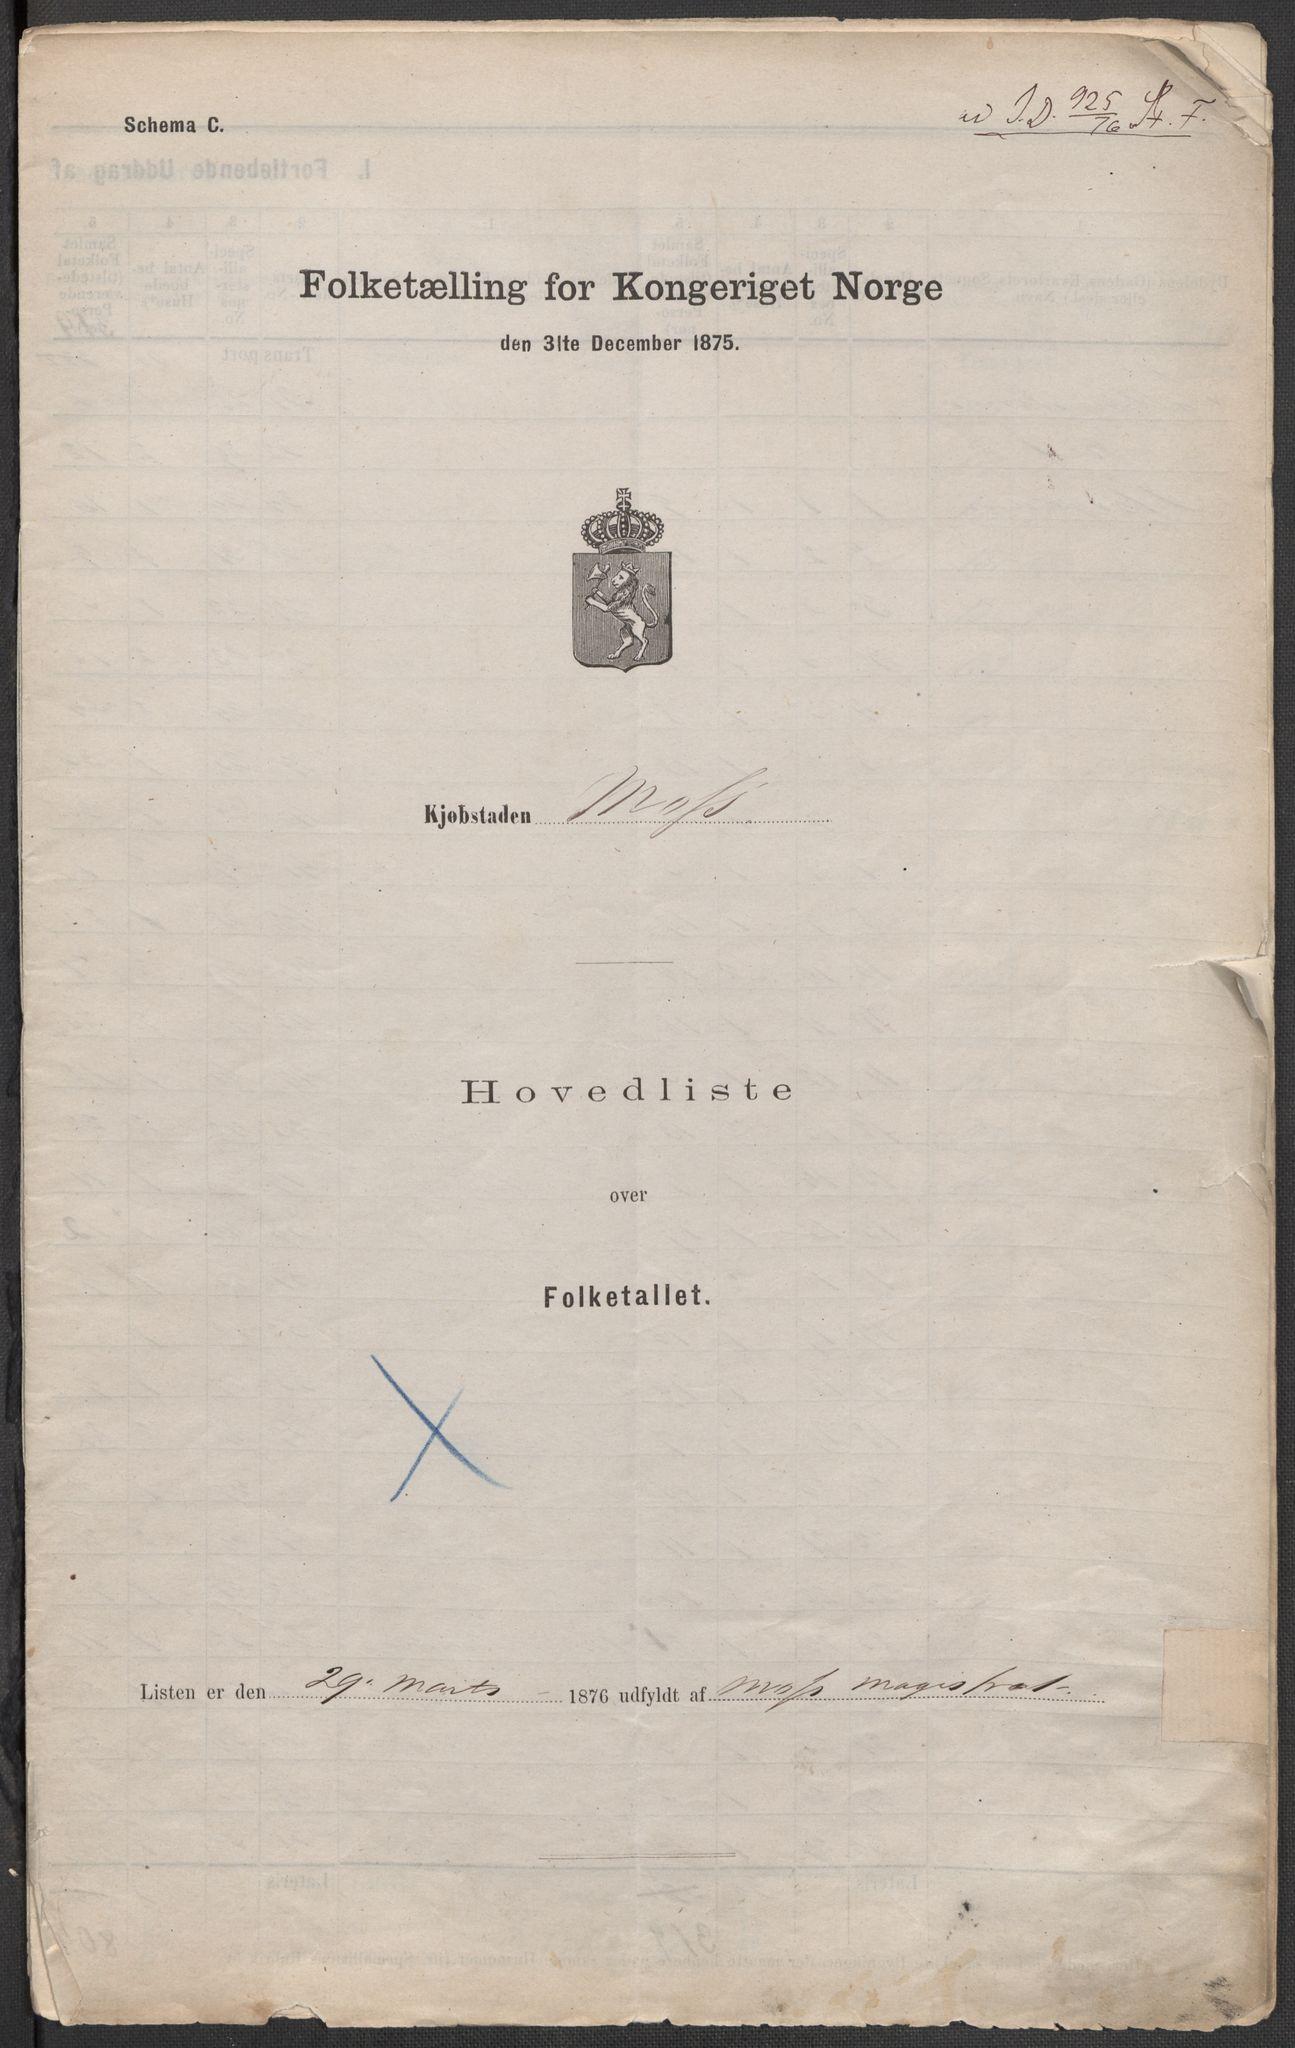 RA, Folketelling 1875 for 0104B Moss prestegjeld, Moss kjøpstad, 1875, s. 1